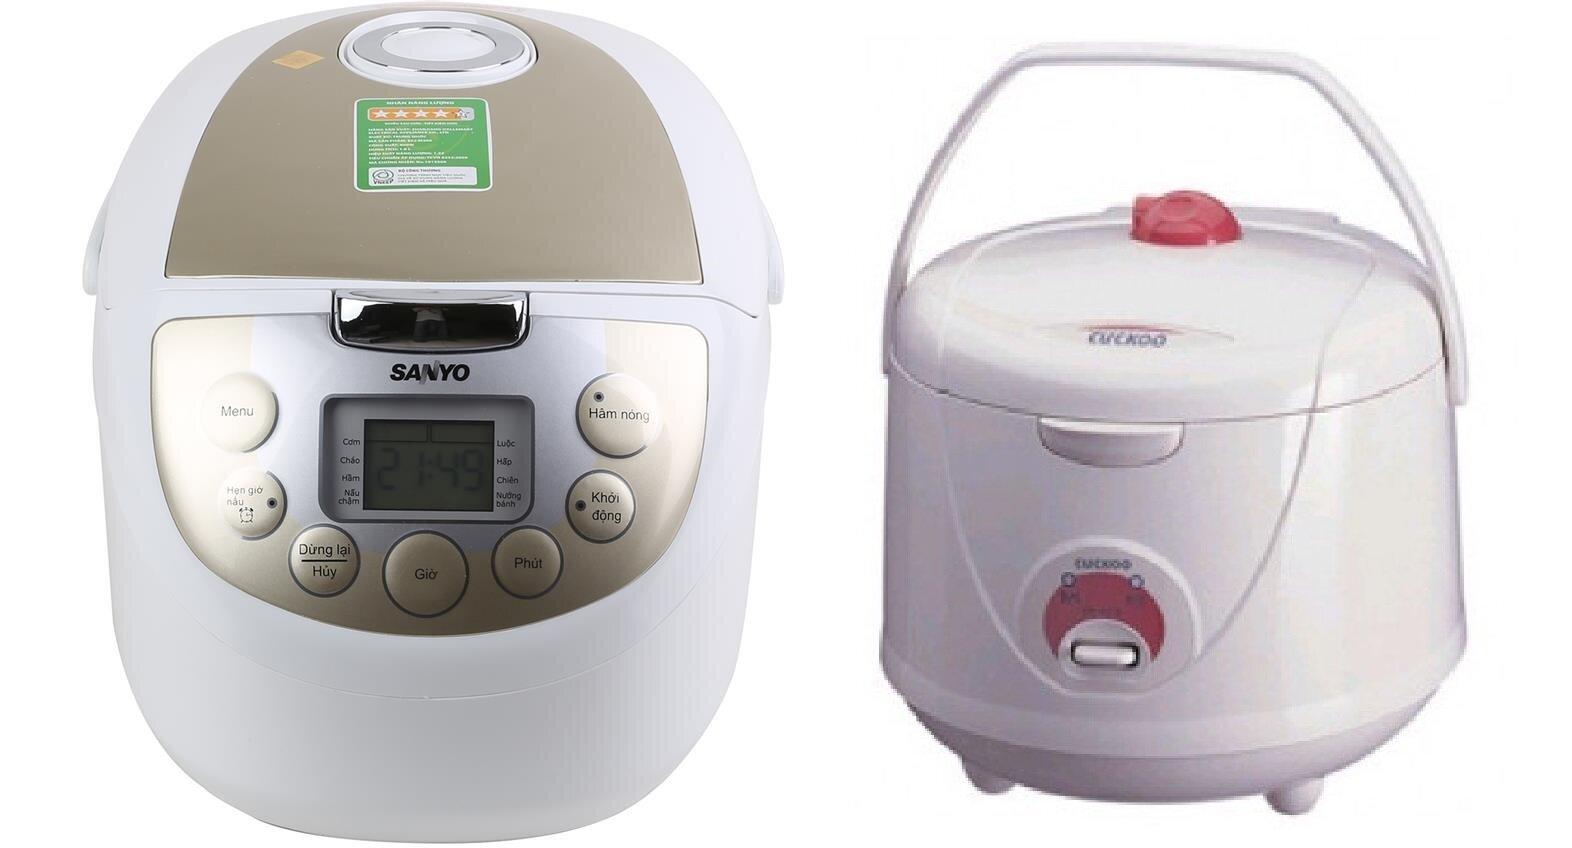 So sánh nồi cơm điện Sanyo ECJM200 và nồi cơm điện Cuckoo CR1021